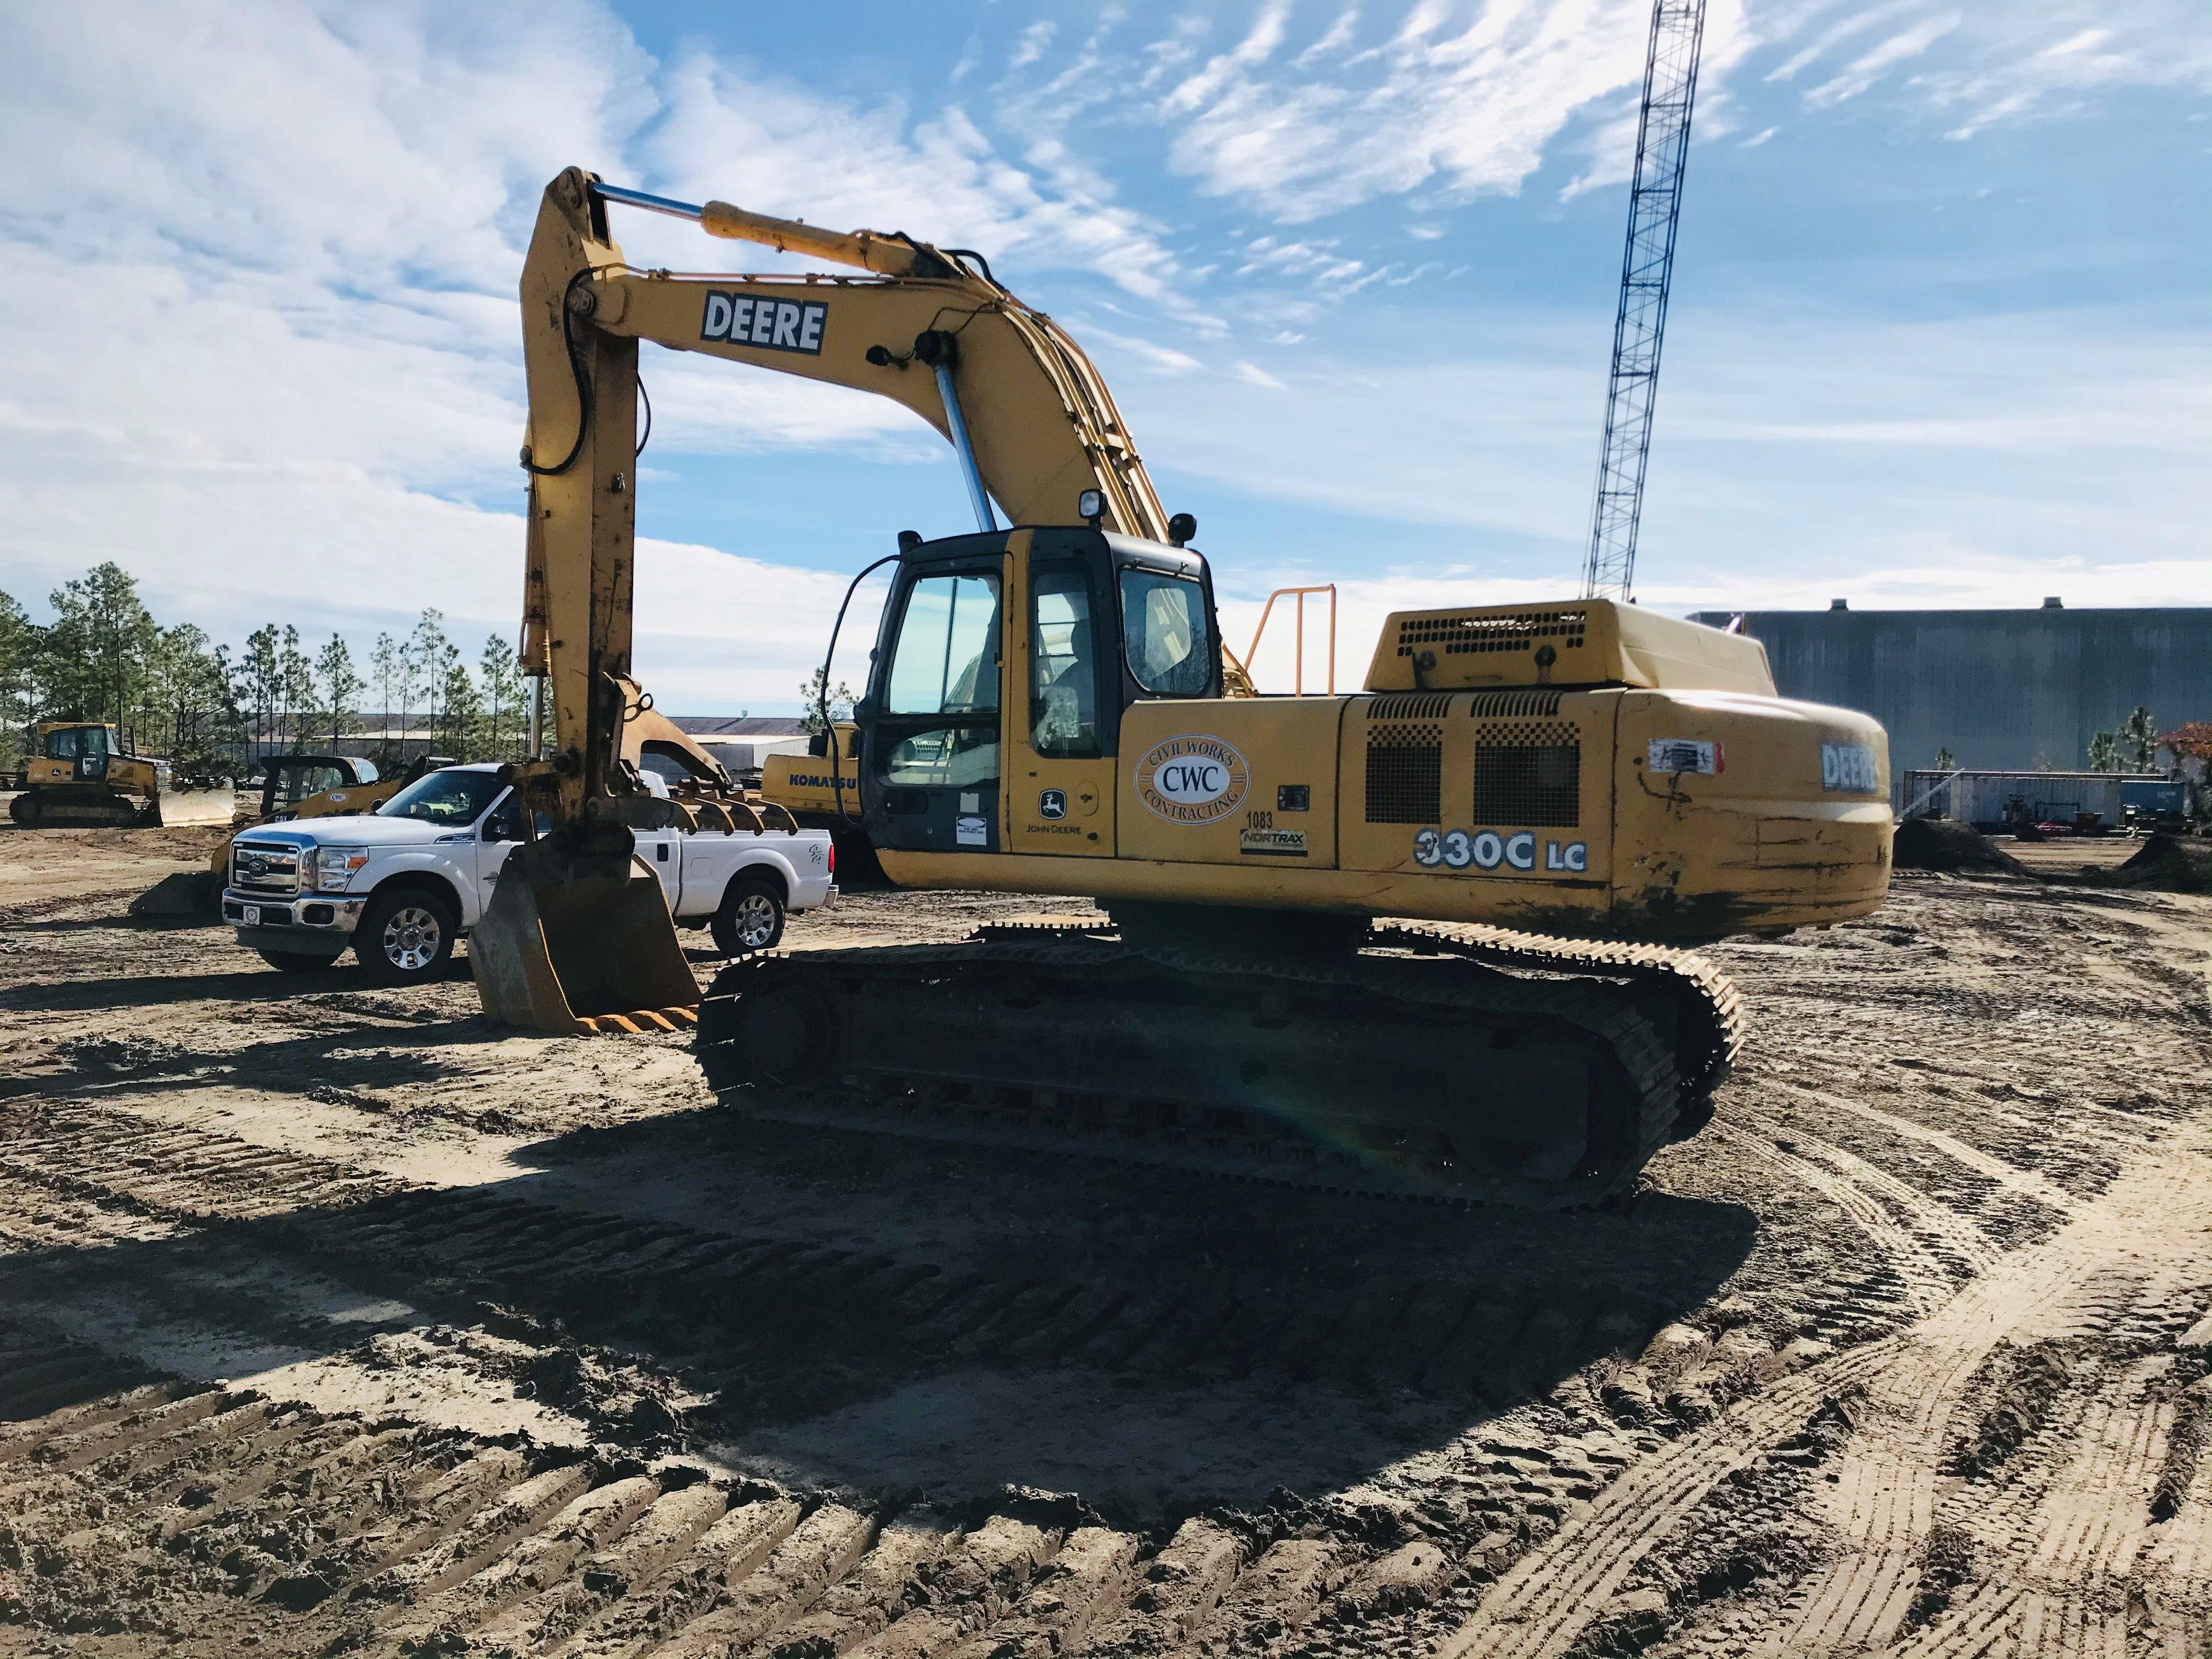 2005 John Deere 330C excavator